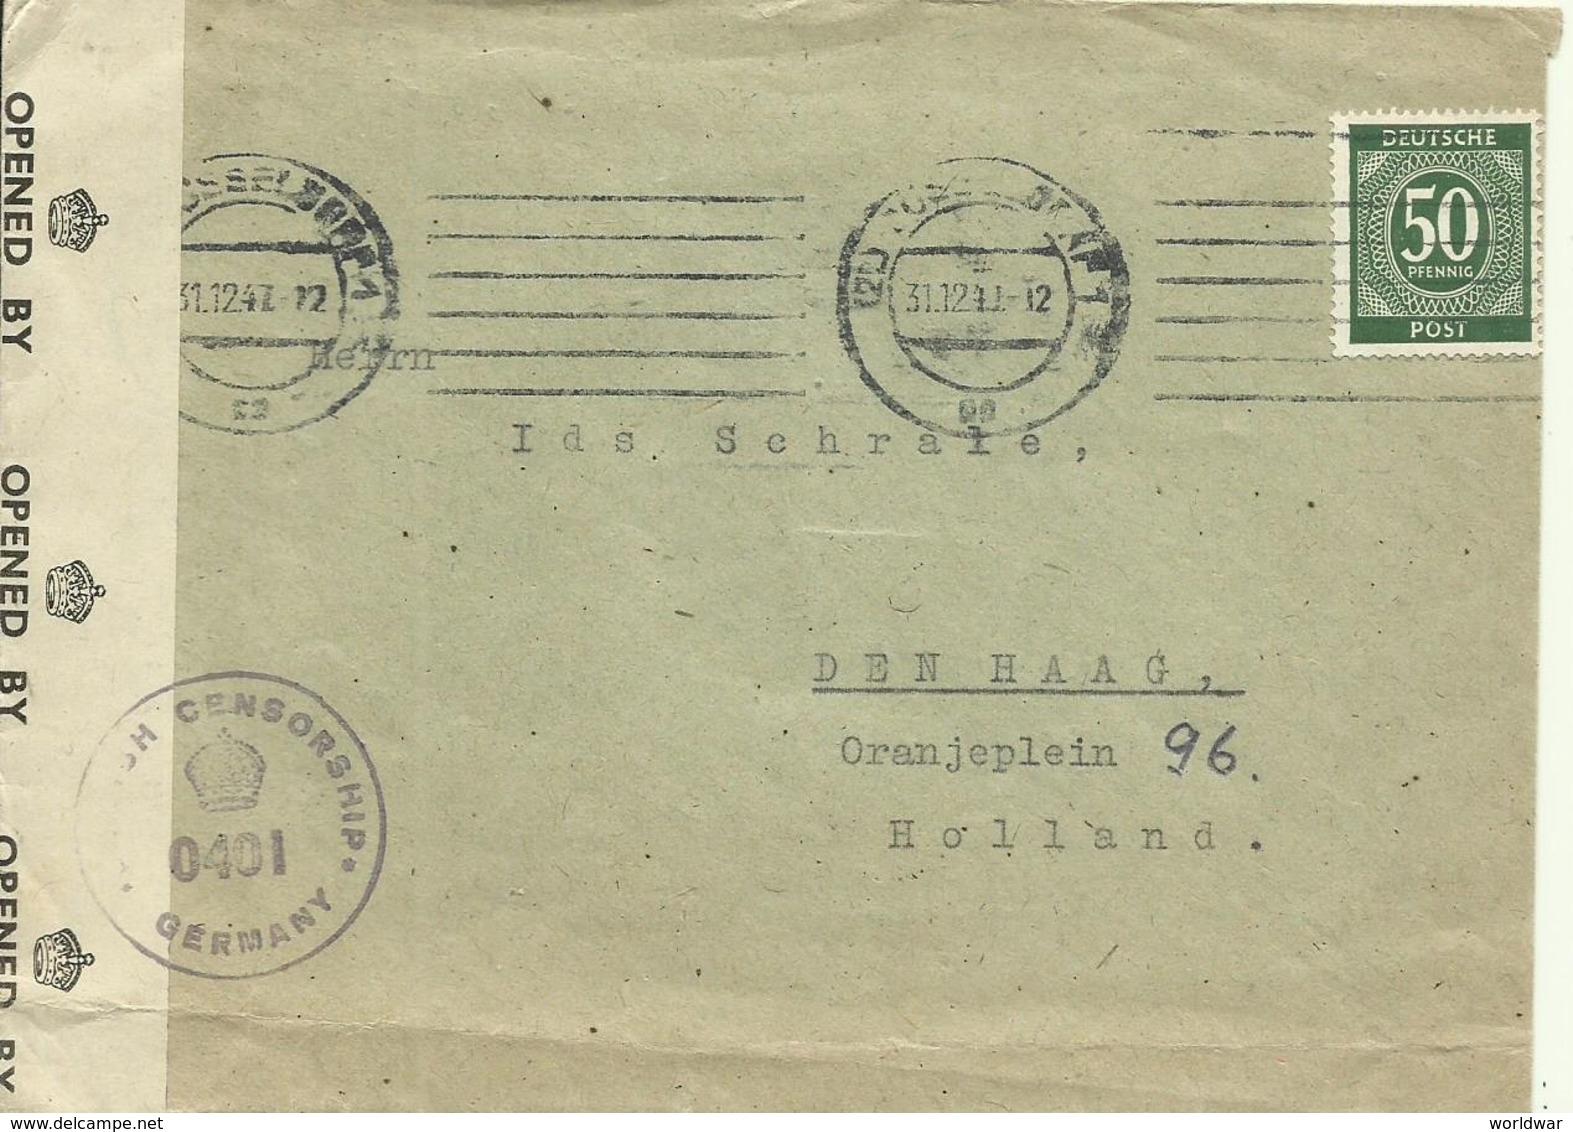 1947  Zensur Brief Von Düsseldorf Nach Den Haag   British Censorship Germany - Bizone